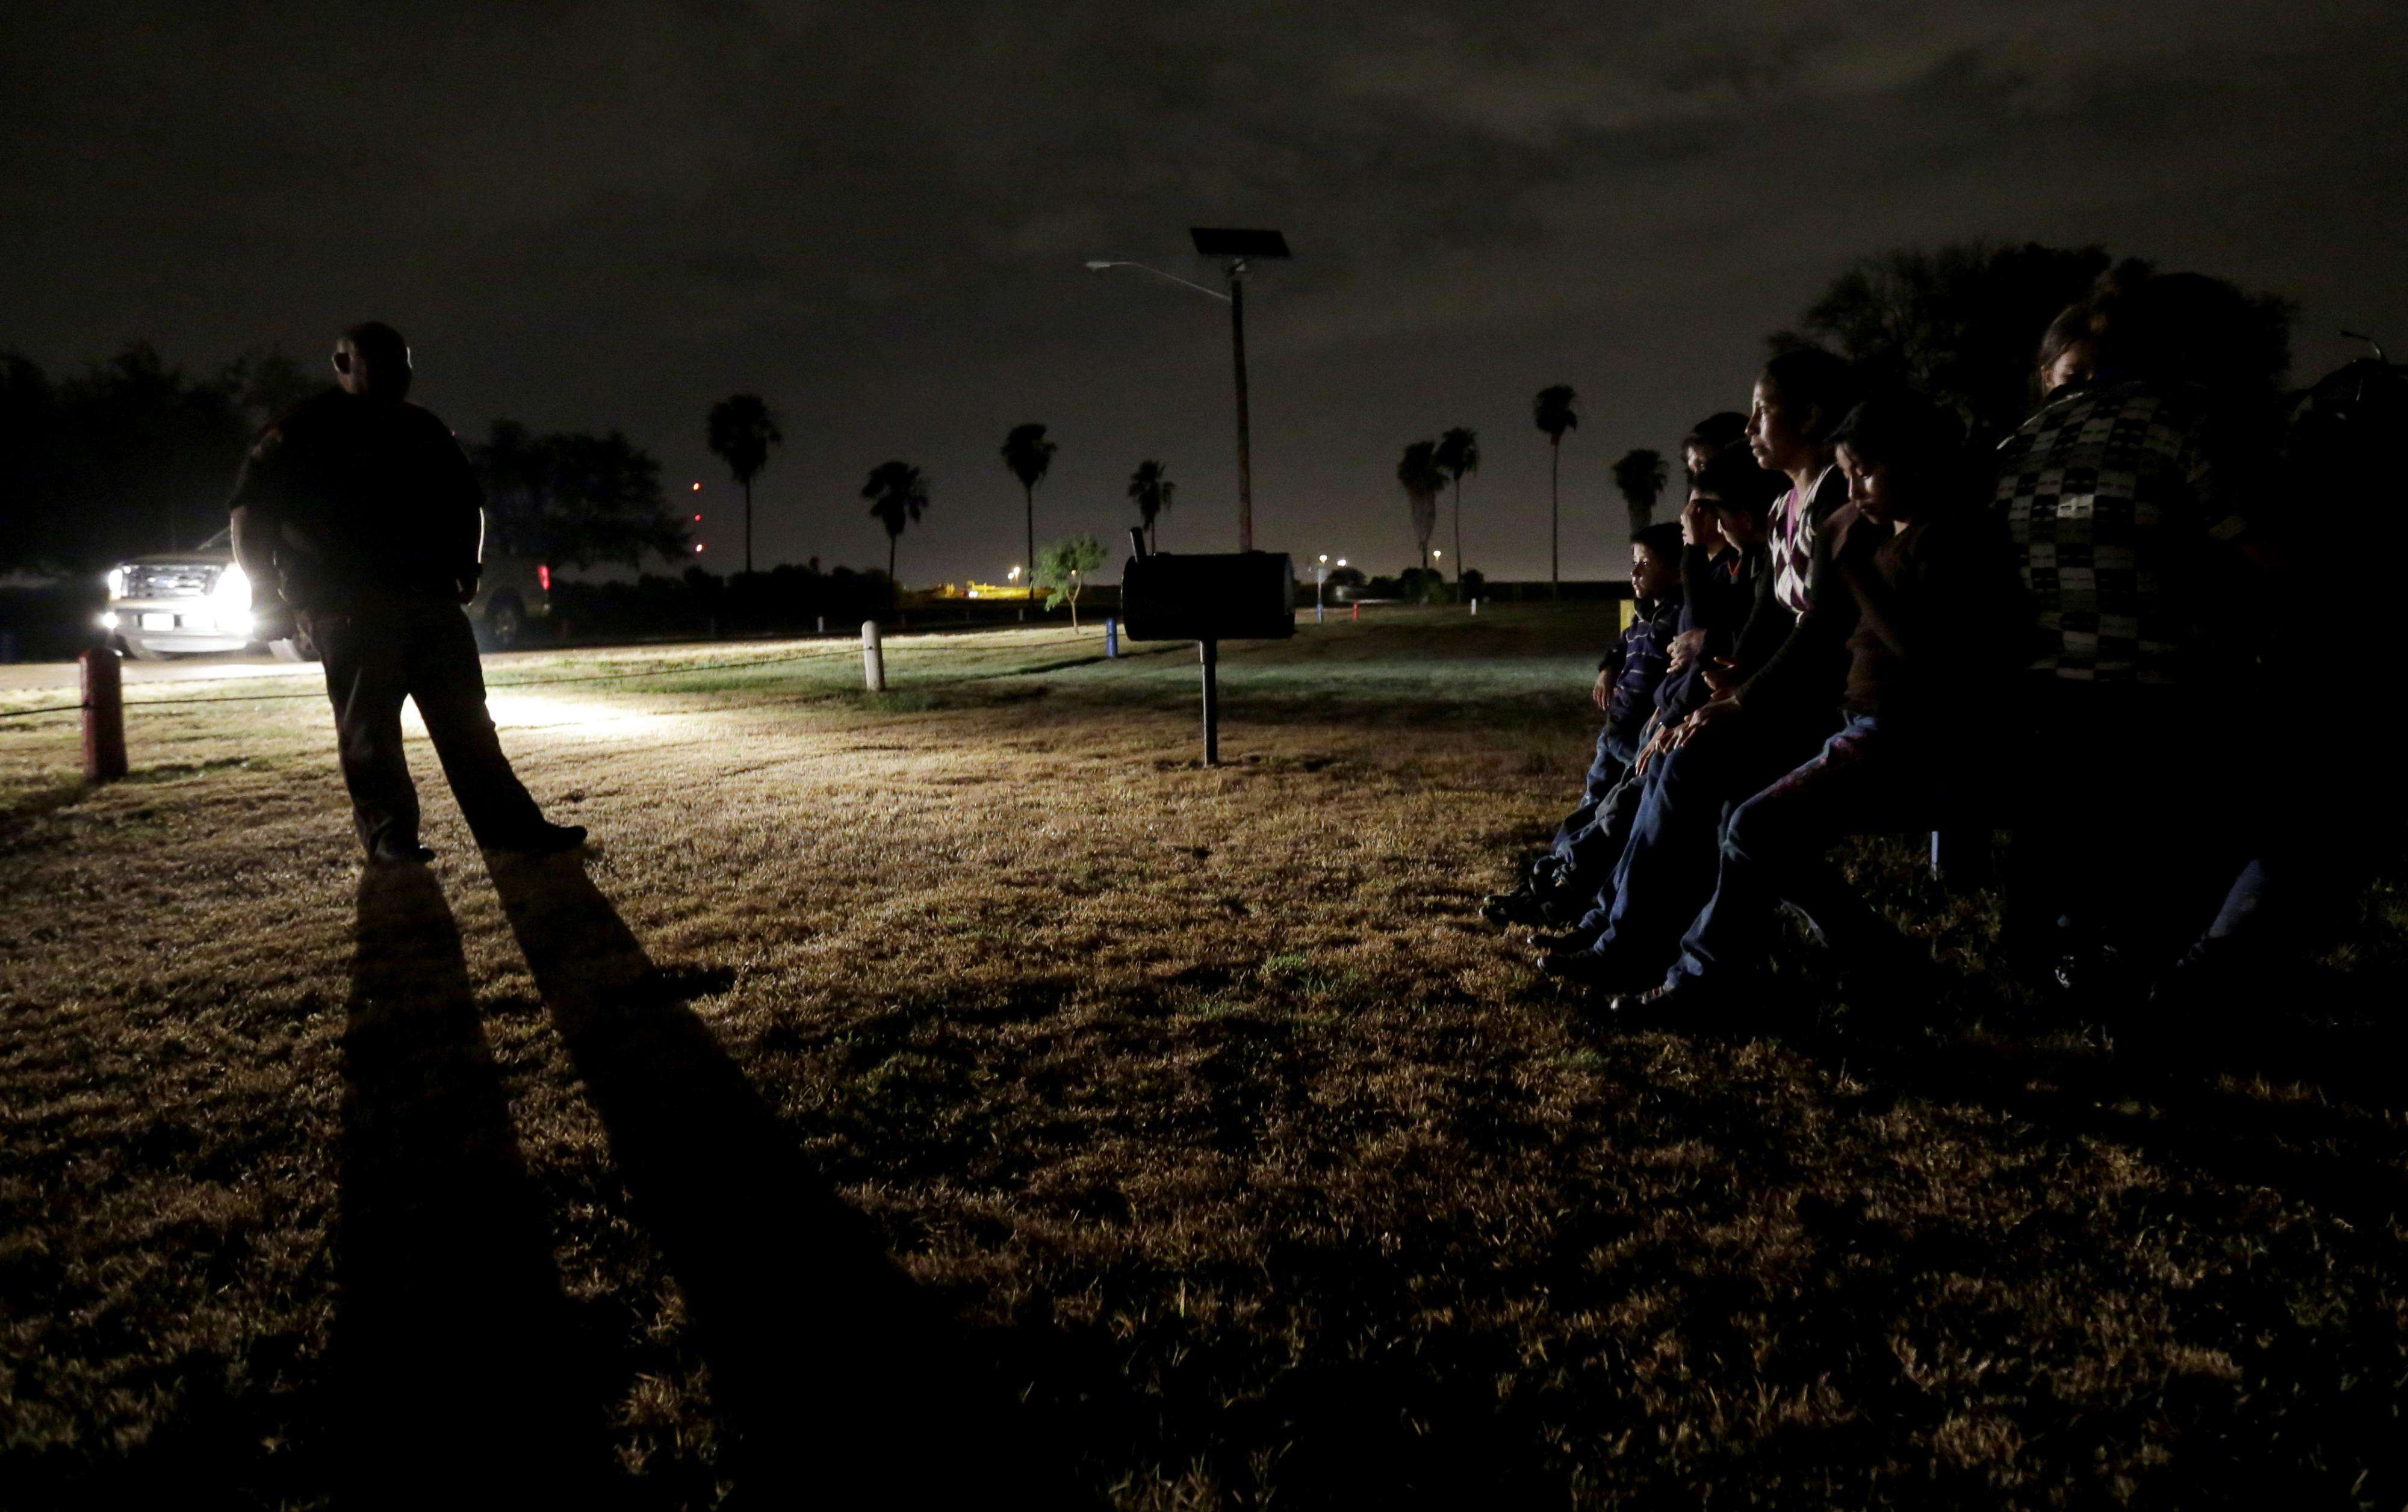 En esta imagen de arhcivo del 25 de junio de 2014, un grupo de inmigrantes de Honduras y El Salvador que curzaron la frontera entre EEUU y El Salvador de forma ilegal son detenidos en Granjeno, Texas. Foto: AP en español